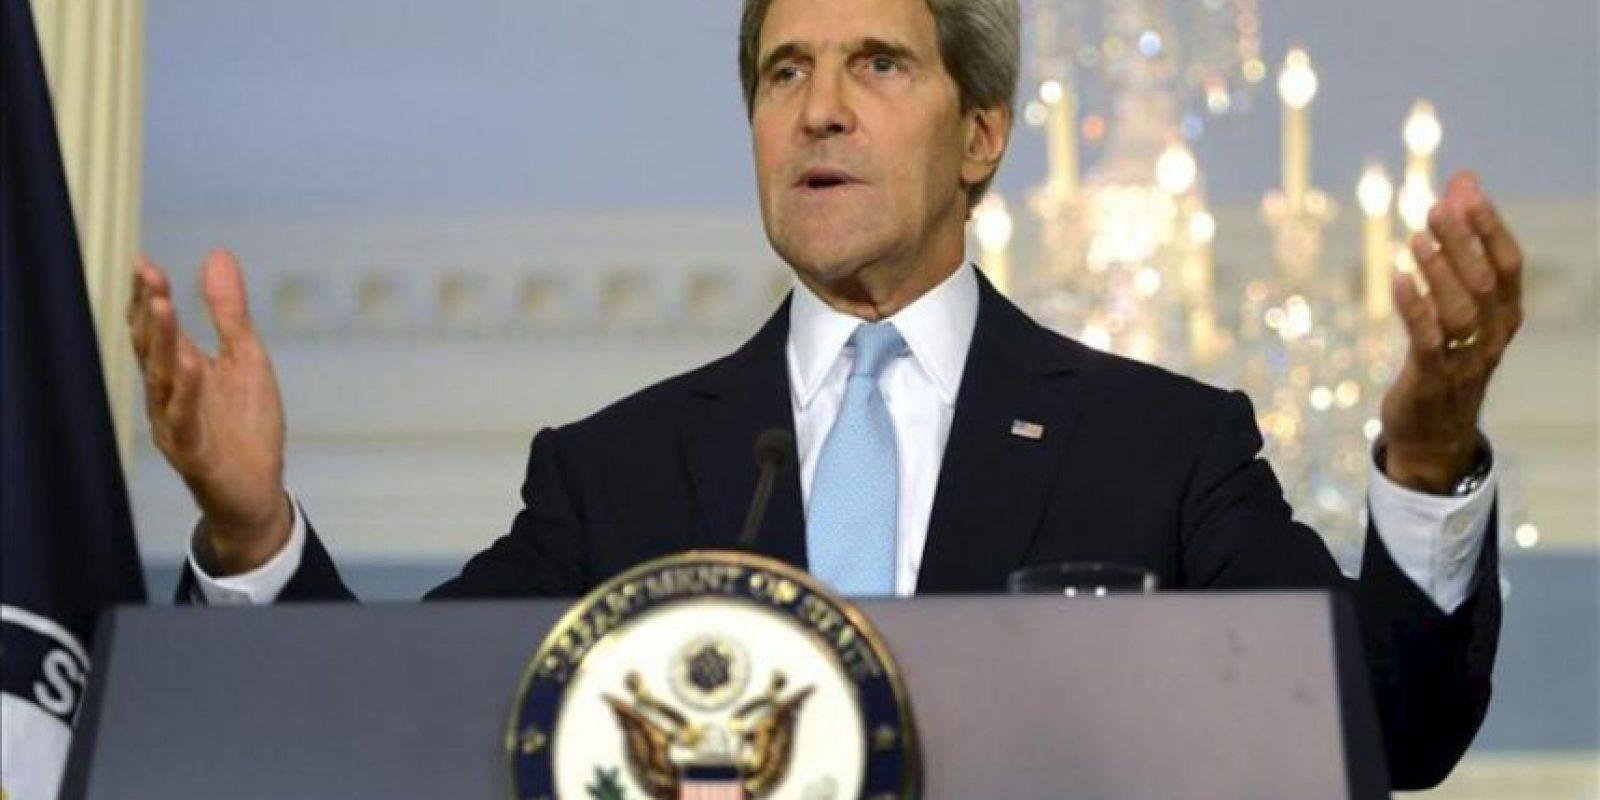 El secretario de Estado de EE.UU., John Kerry, durante las declaraciones sobre Siria que ha realizado en el Departamento de Estado en Washington DC, Estados Unidos este 30 de agosto del 2013. EFE